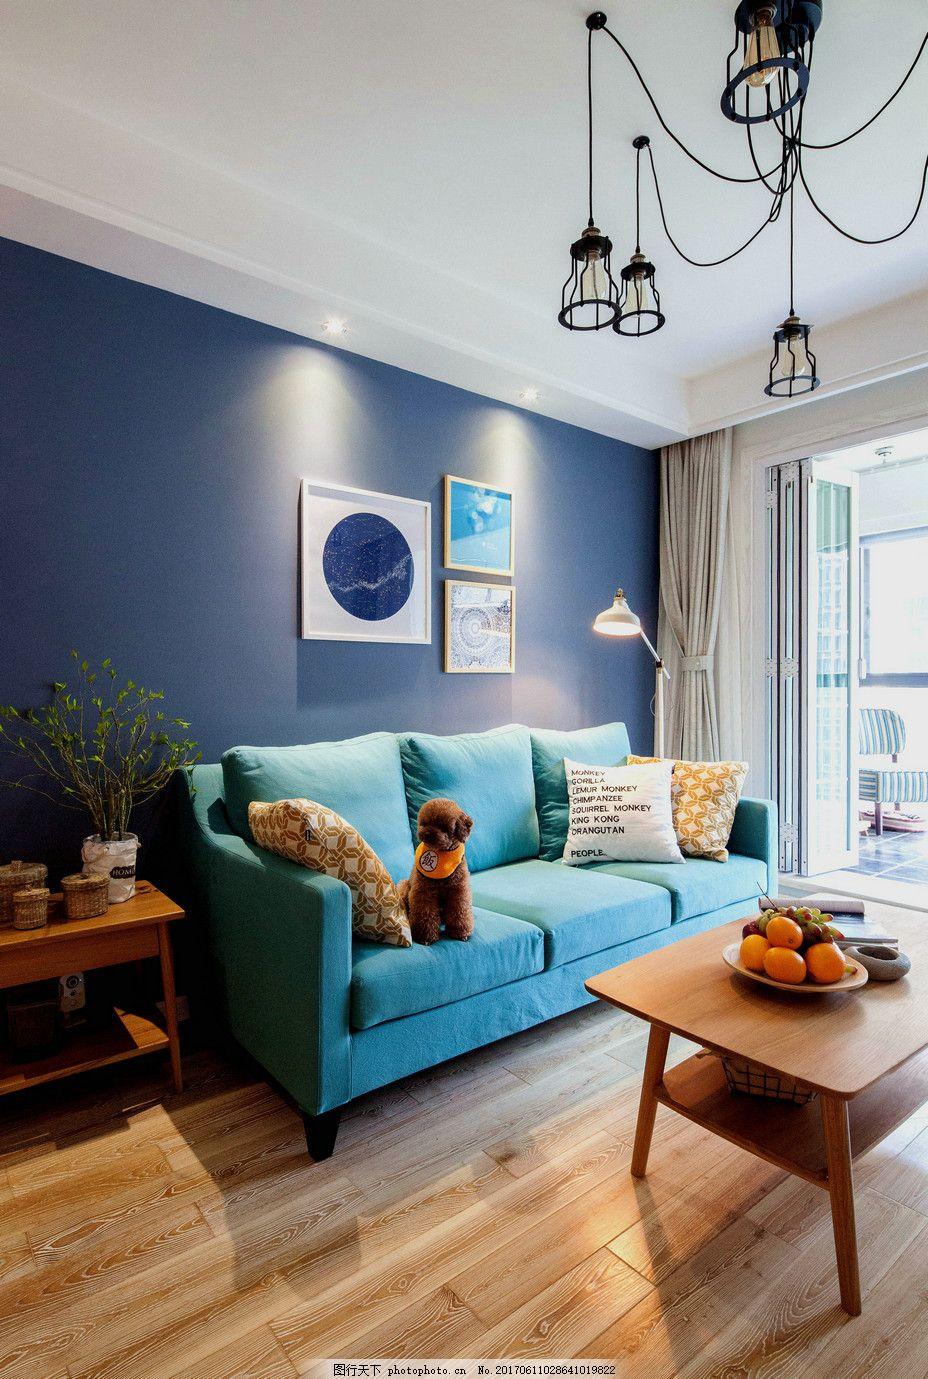 北欧客厅装修效果图 室内设计 家装效果图 欧式装修效果图 时尚